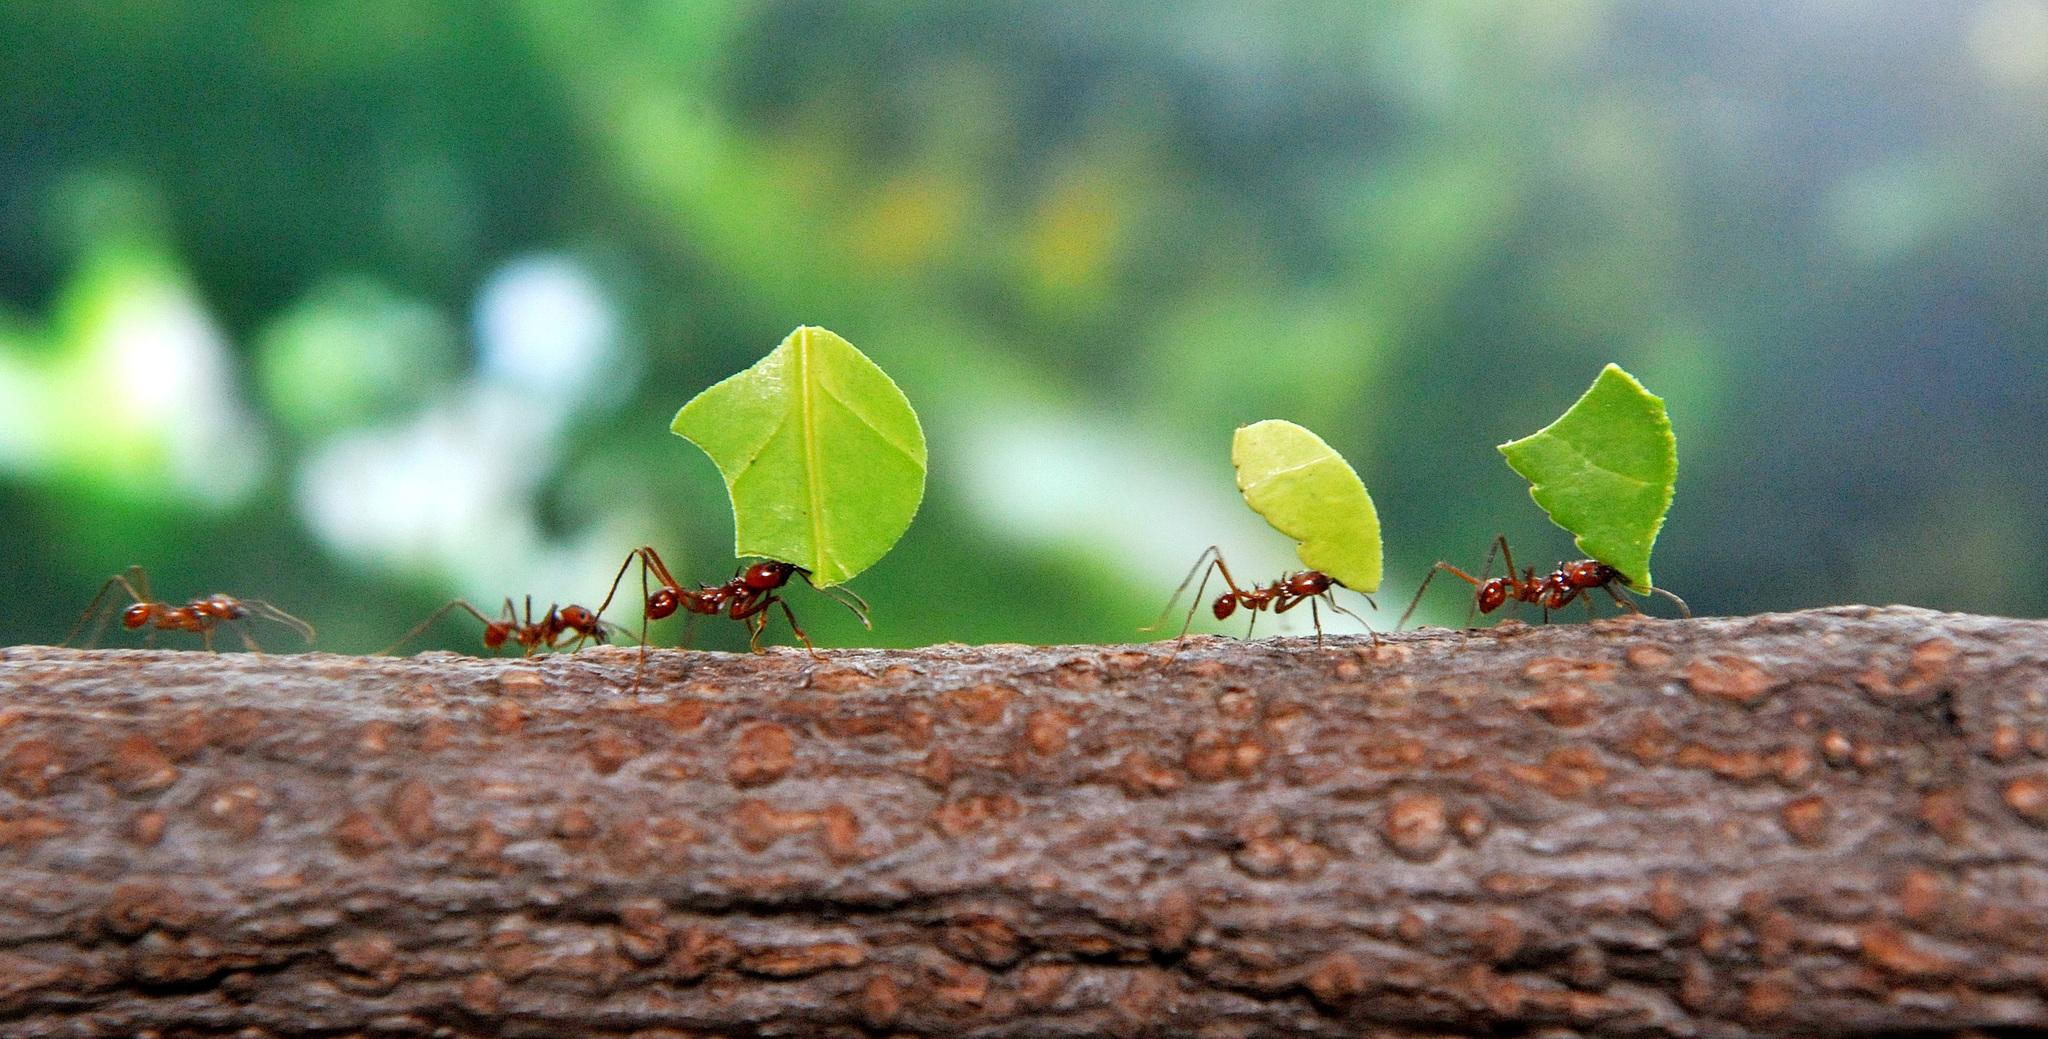 충남 서천 국립생태원에서 잎꾼개미들이 먹이로 쓸 사철나무 잎을 물고 집으로 이동하고 있다. [프리랜서 김성태]